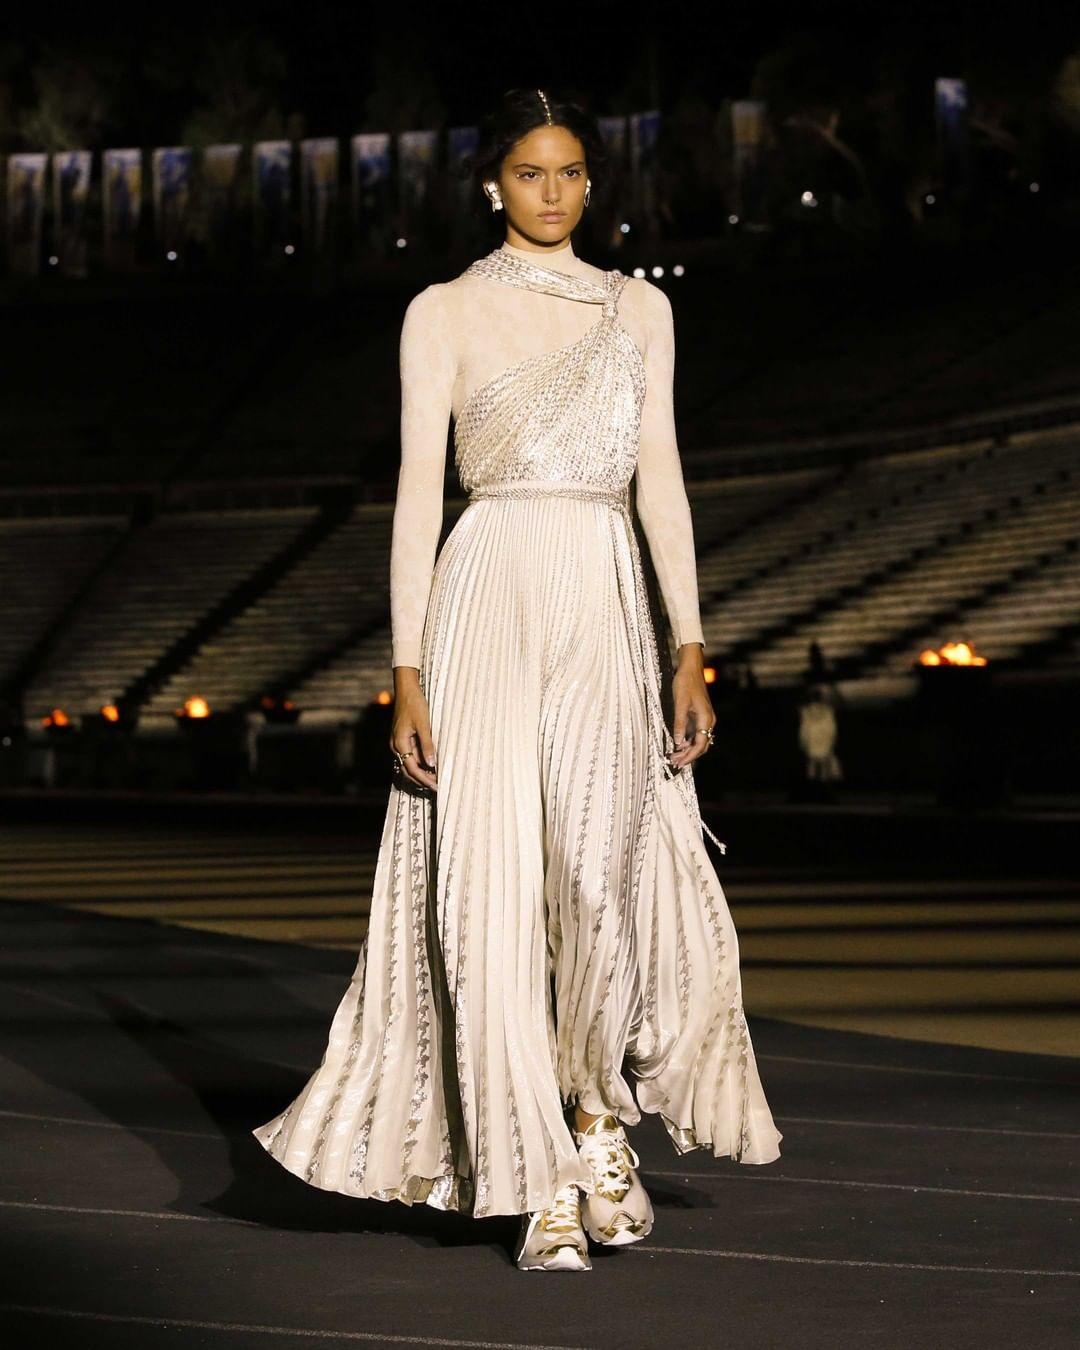 فستان سهرة محتشم من توقيع ديور- الصورة من انستغرام Dior